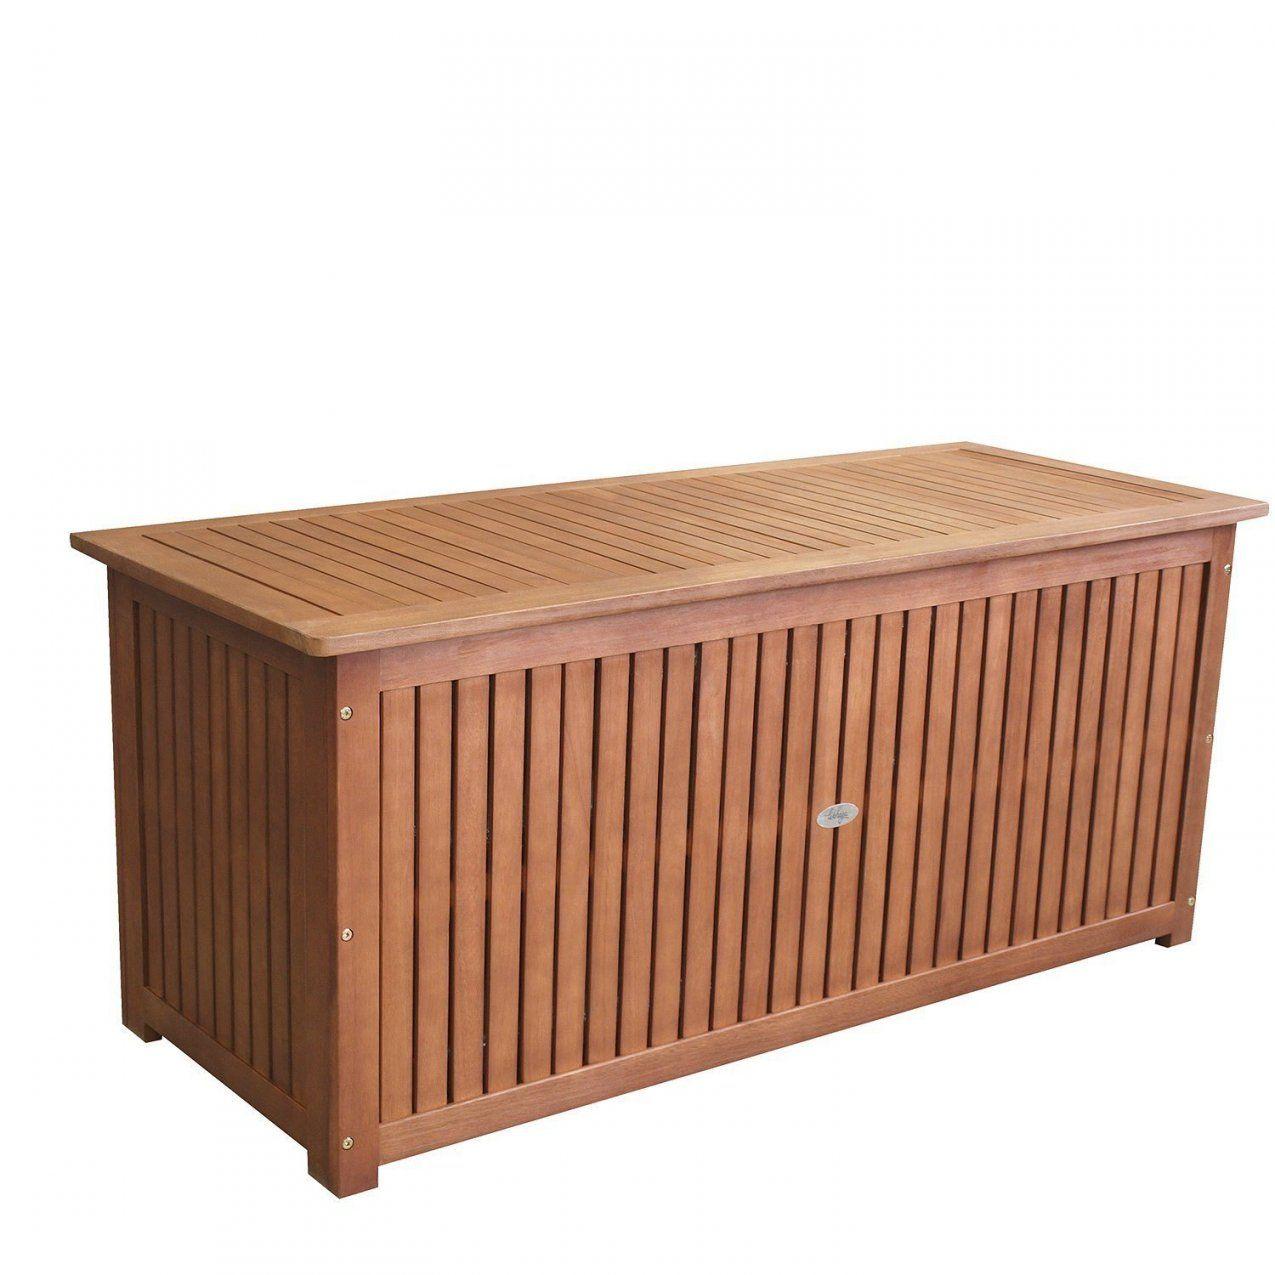 Auflagenbox Selber Bauen von Auflagenbox Holz Selber Bauen Bild